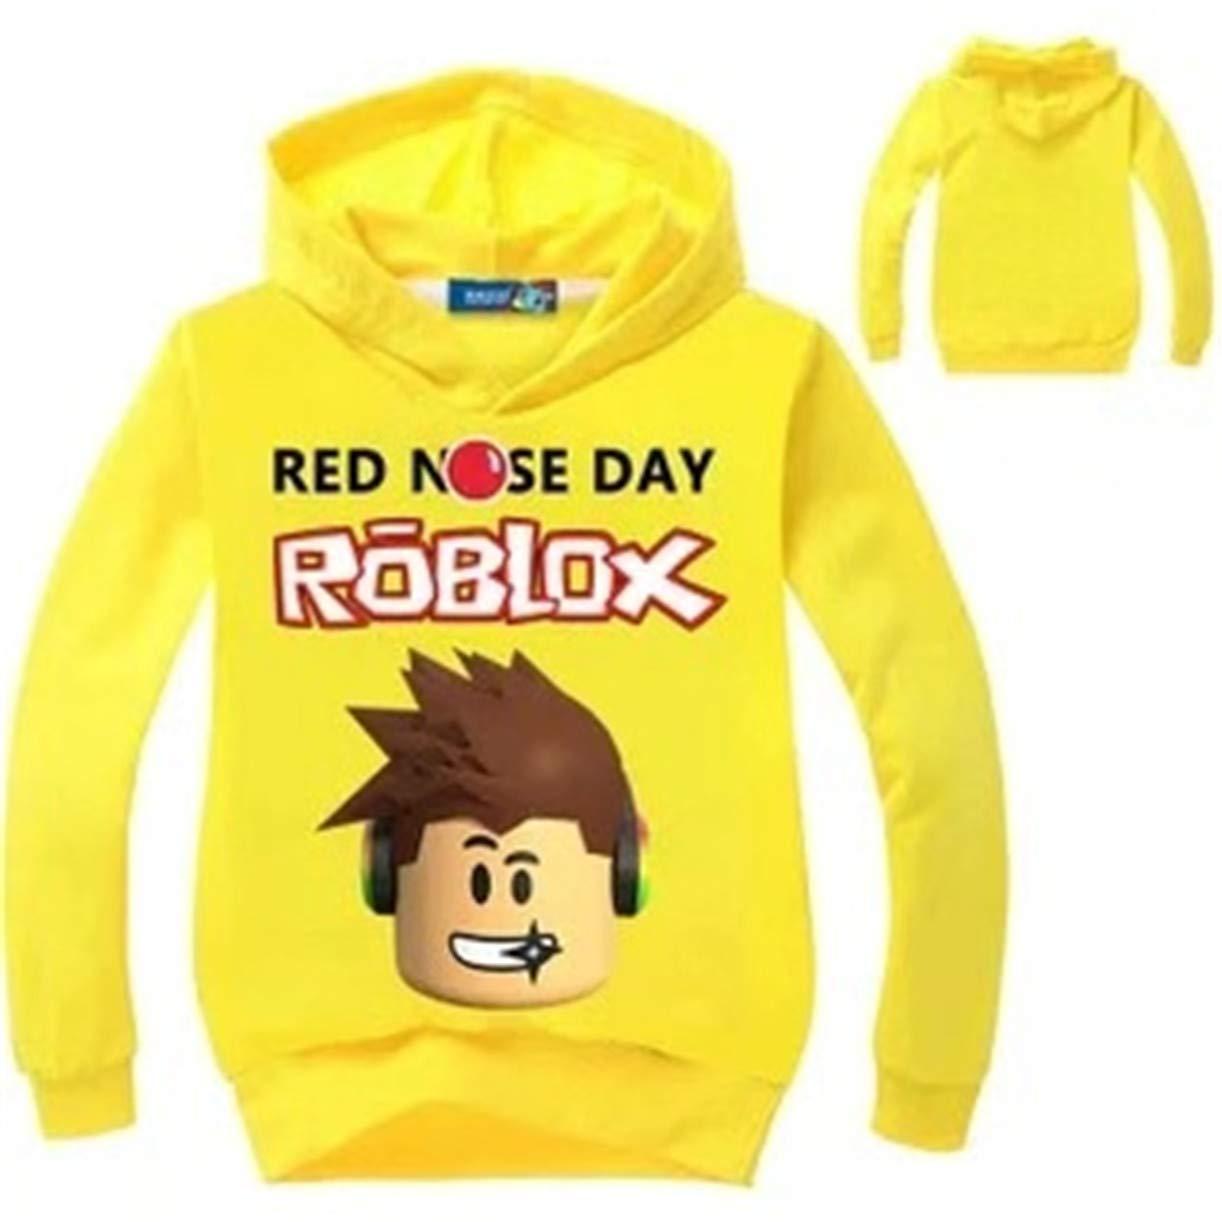 KK-Jim Little Kids Roblox Hoodies-Cartoon Printed Sweatshirt Hooded Tops for Boys Girls